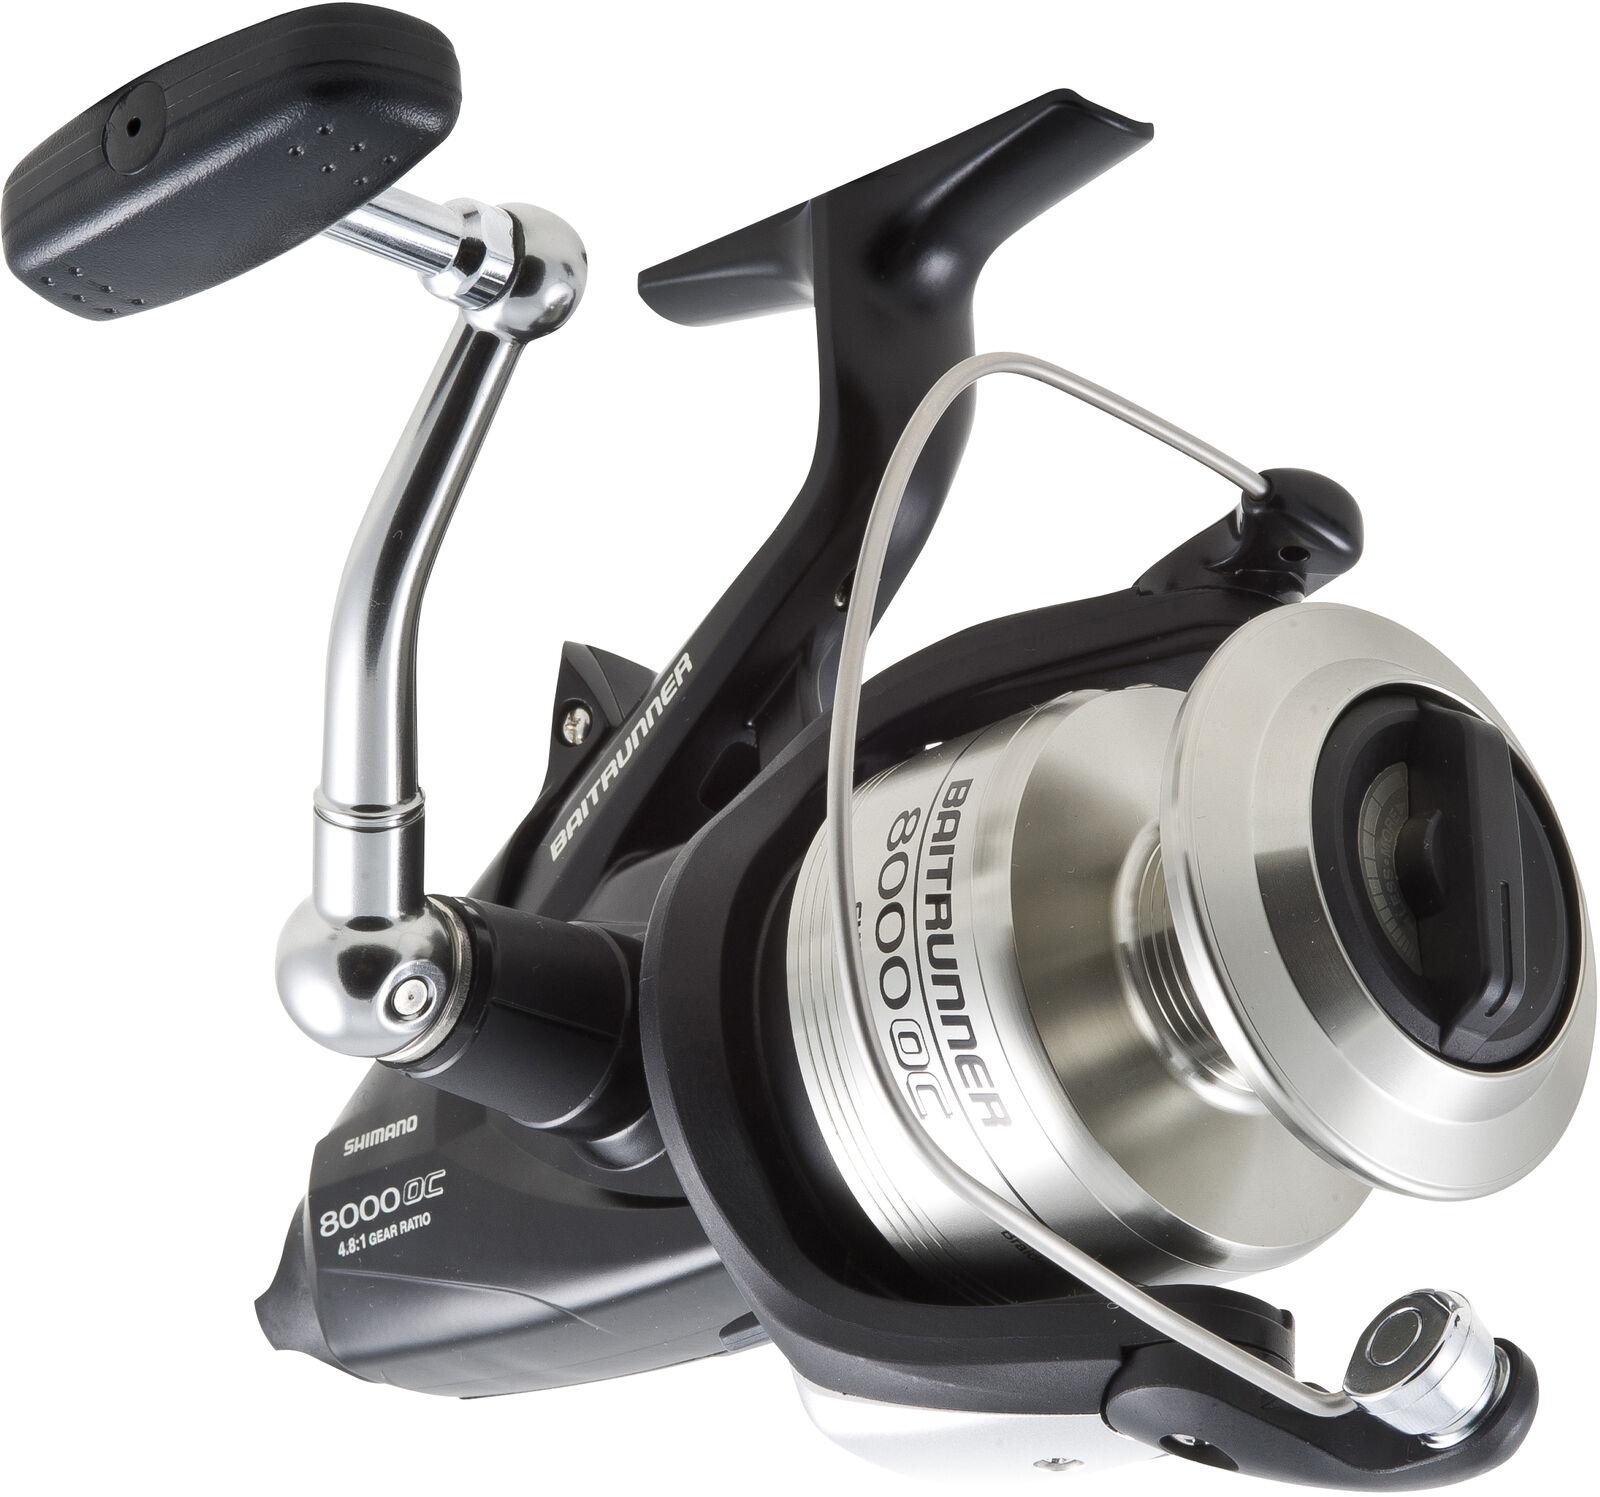 Shimano Baitrunner 6000OC Spinning Reel